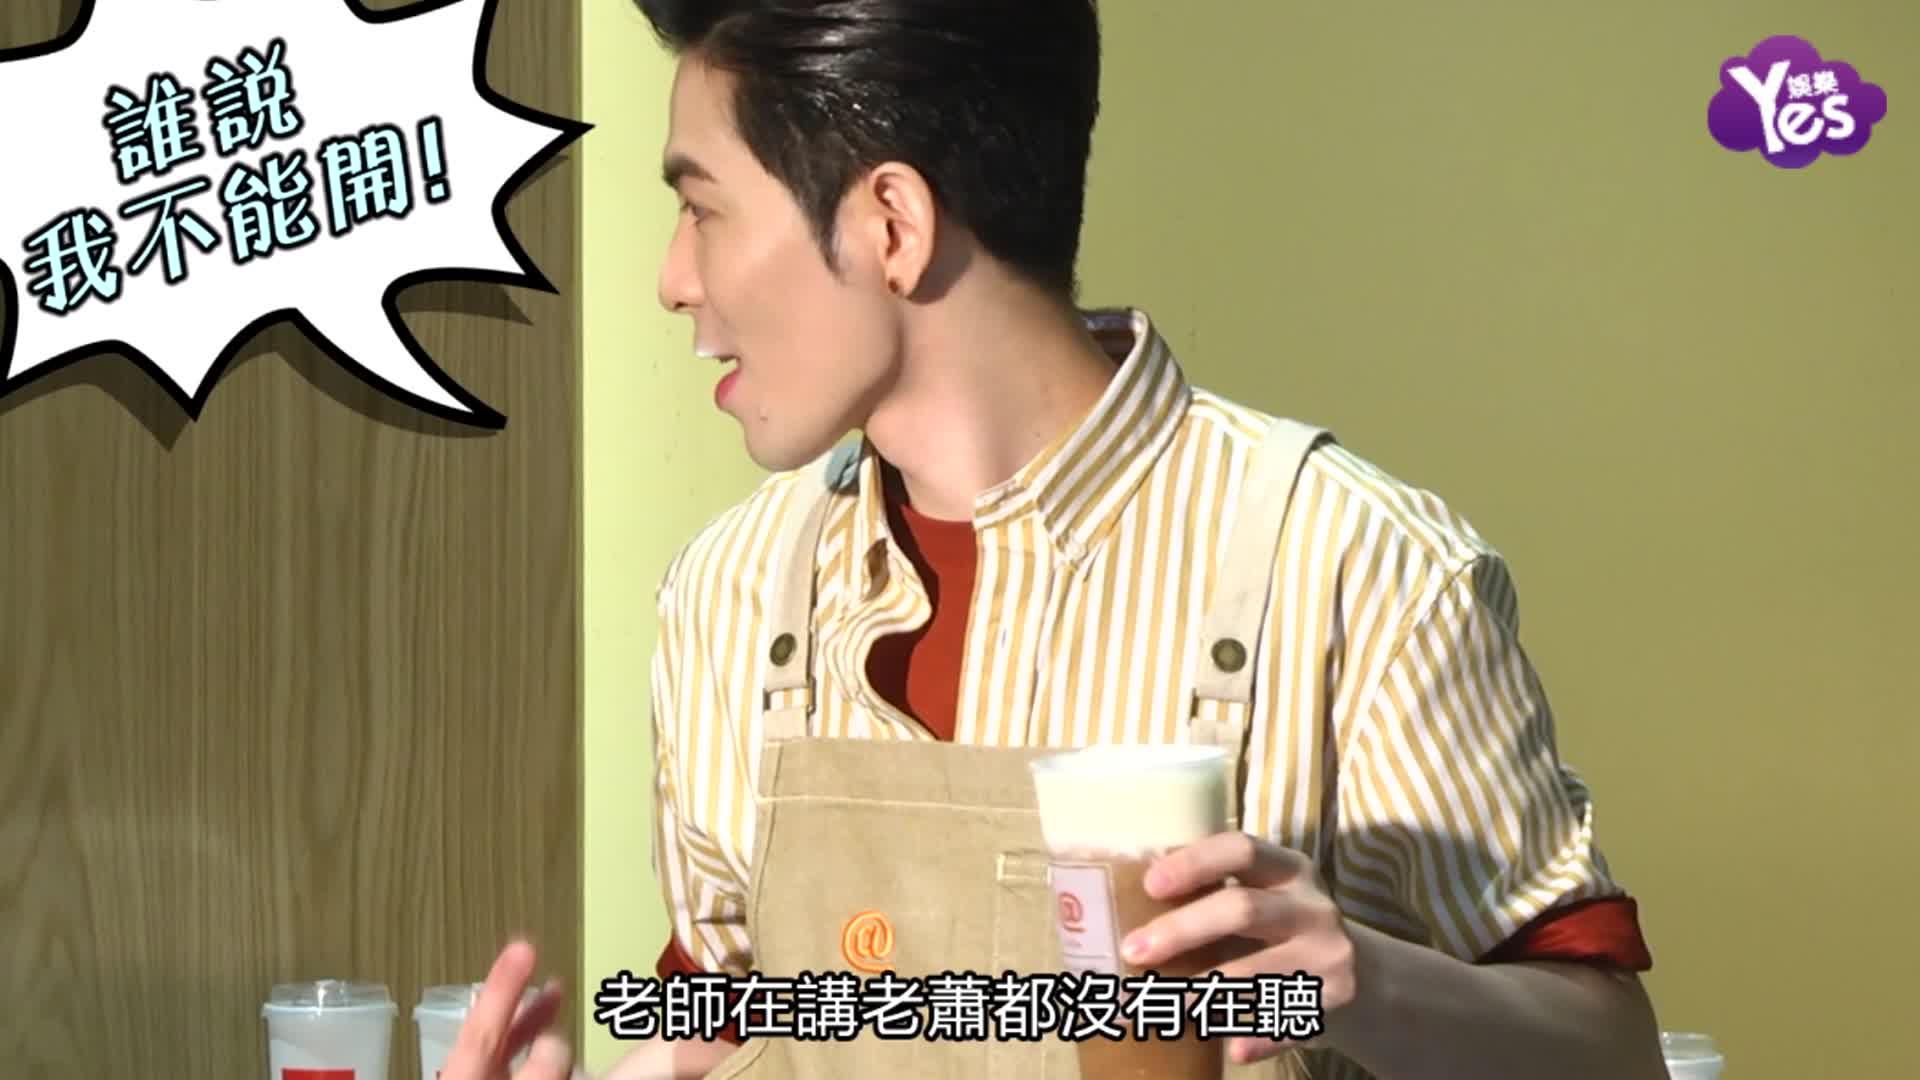 老萧广开副业许愿当JJ阿信邻居   爆料周董喝奶茶谜之反应